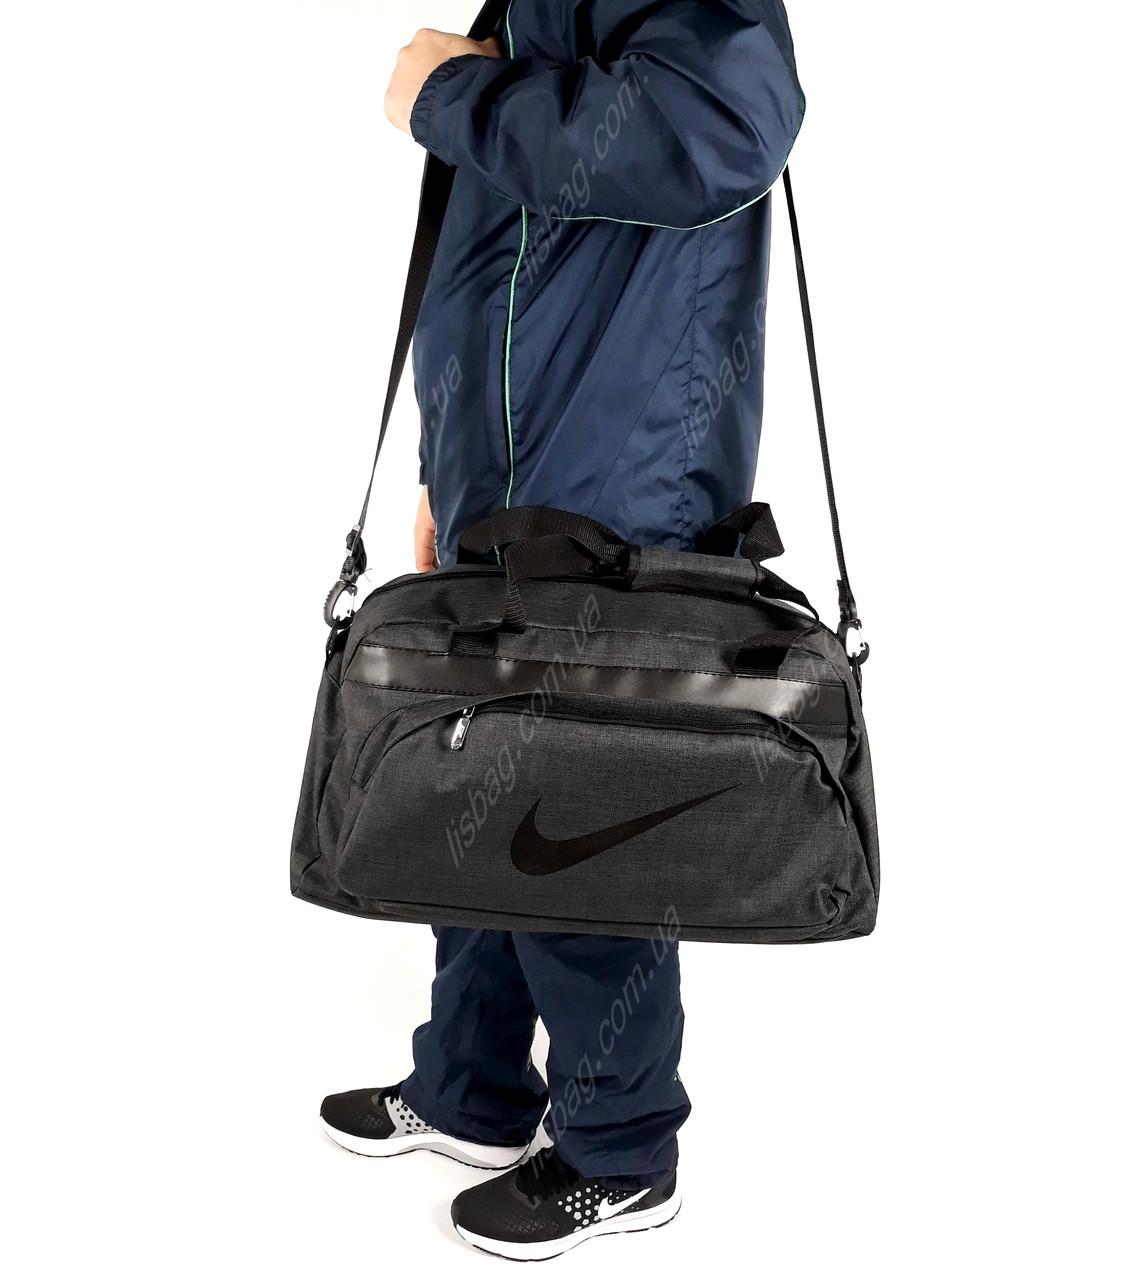 71920926c020 ... Большая спортивная\дорожная сумка Nike реплика , Темно-серый цвет, ...